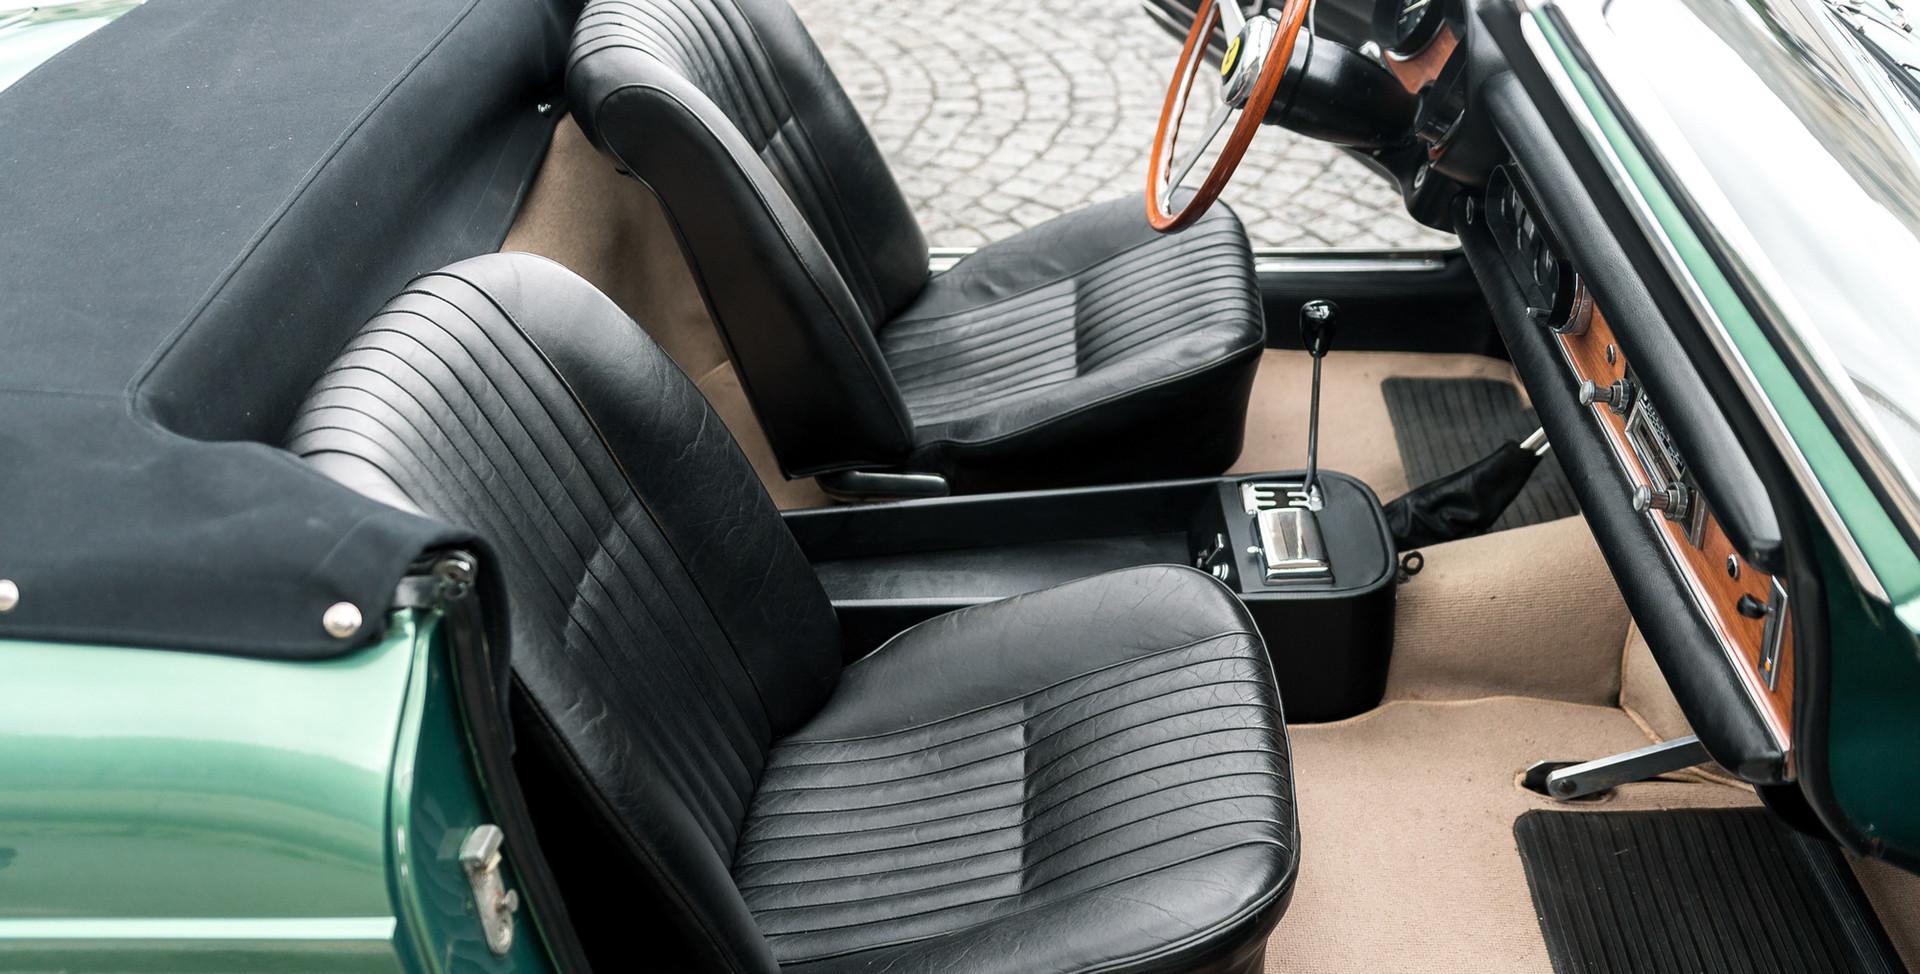 Ferrari_275_GTS_intérieur_(6)_.jpg